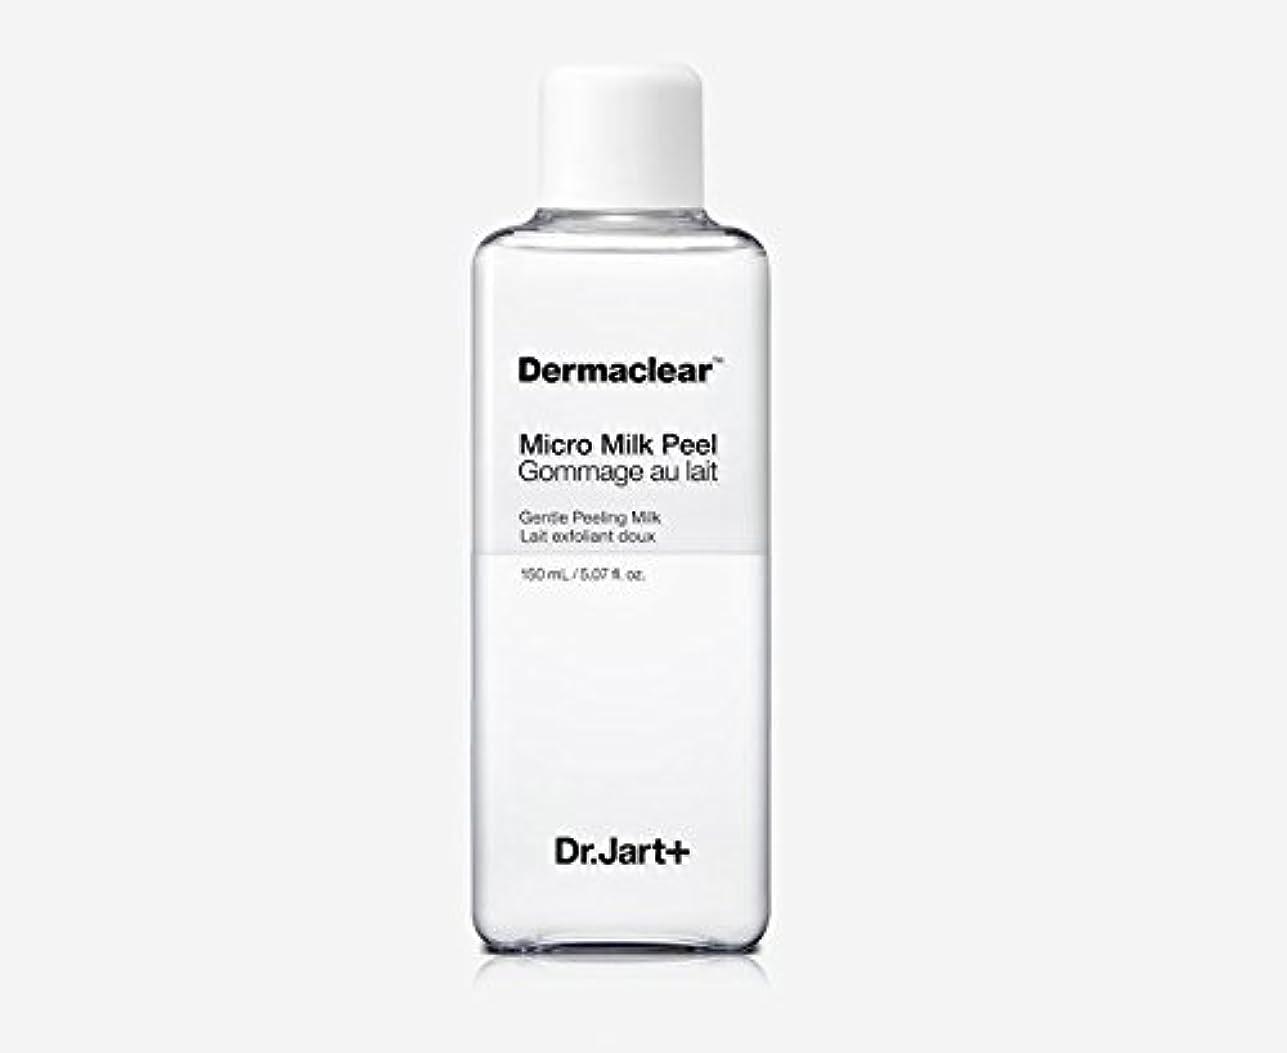 ビタミン優雅な二週間[ドクタージャルト]Dermaclear Micro Milk Peel 150ml/[ドクタージャルト]ダーマクリアマイクロミルクピール150ml [並行輸入品]